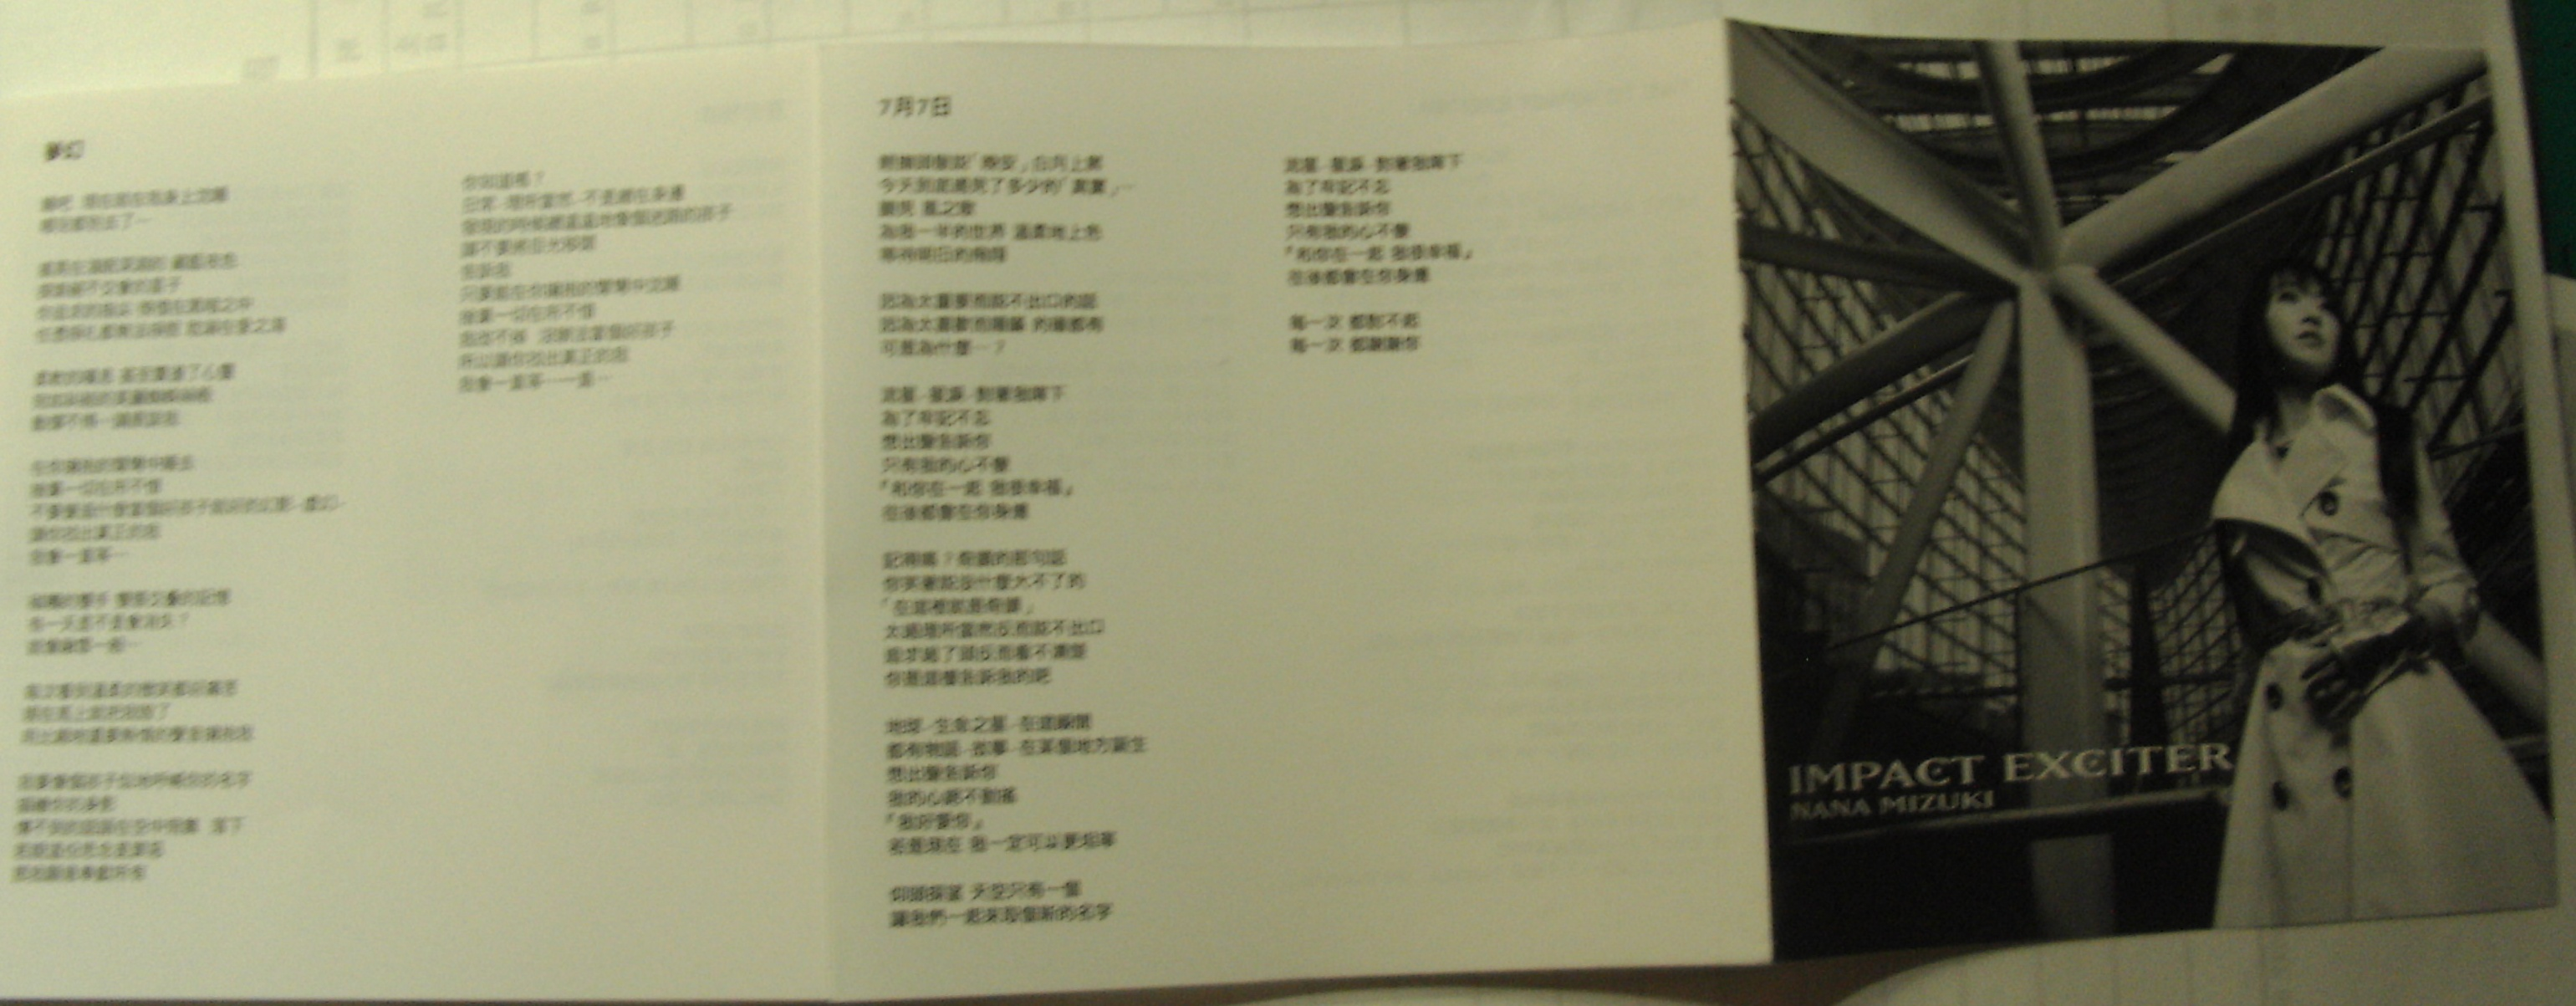 小本 & 中文歌詞